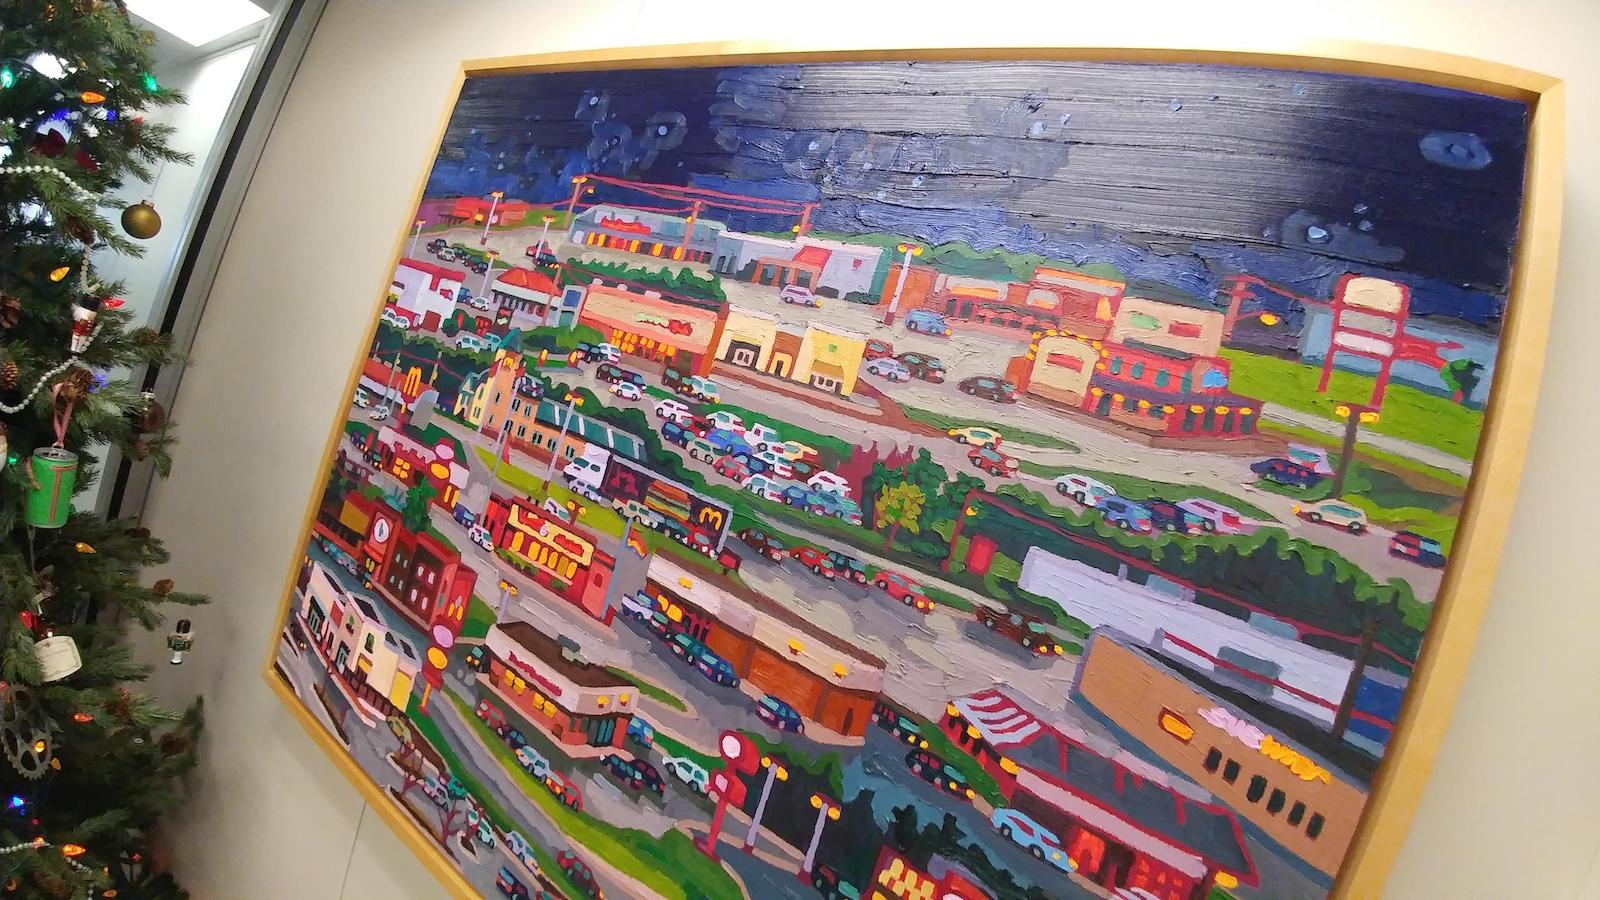 Un tableau d'une toile colorée qui affiche un quartier commercial d'une ville.